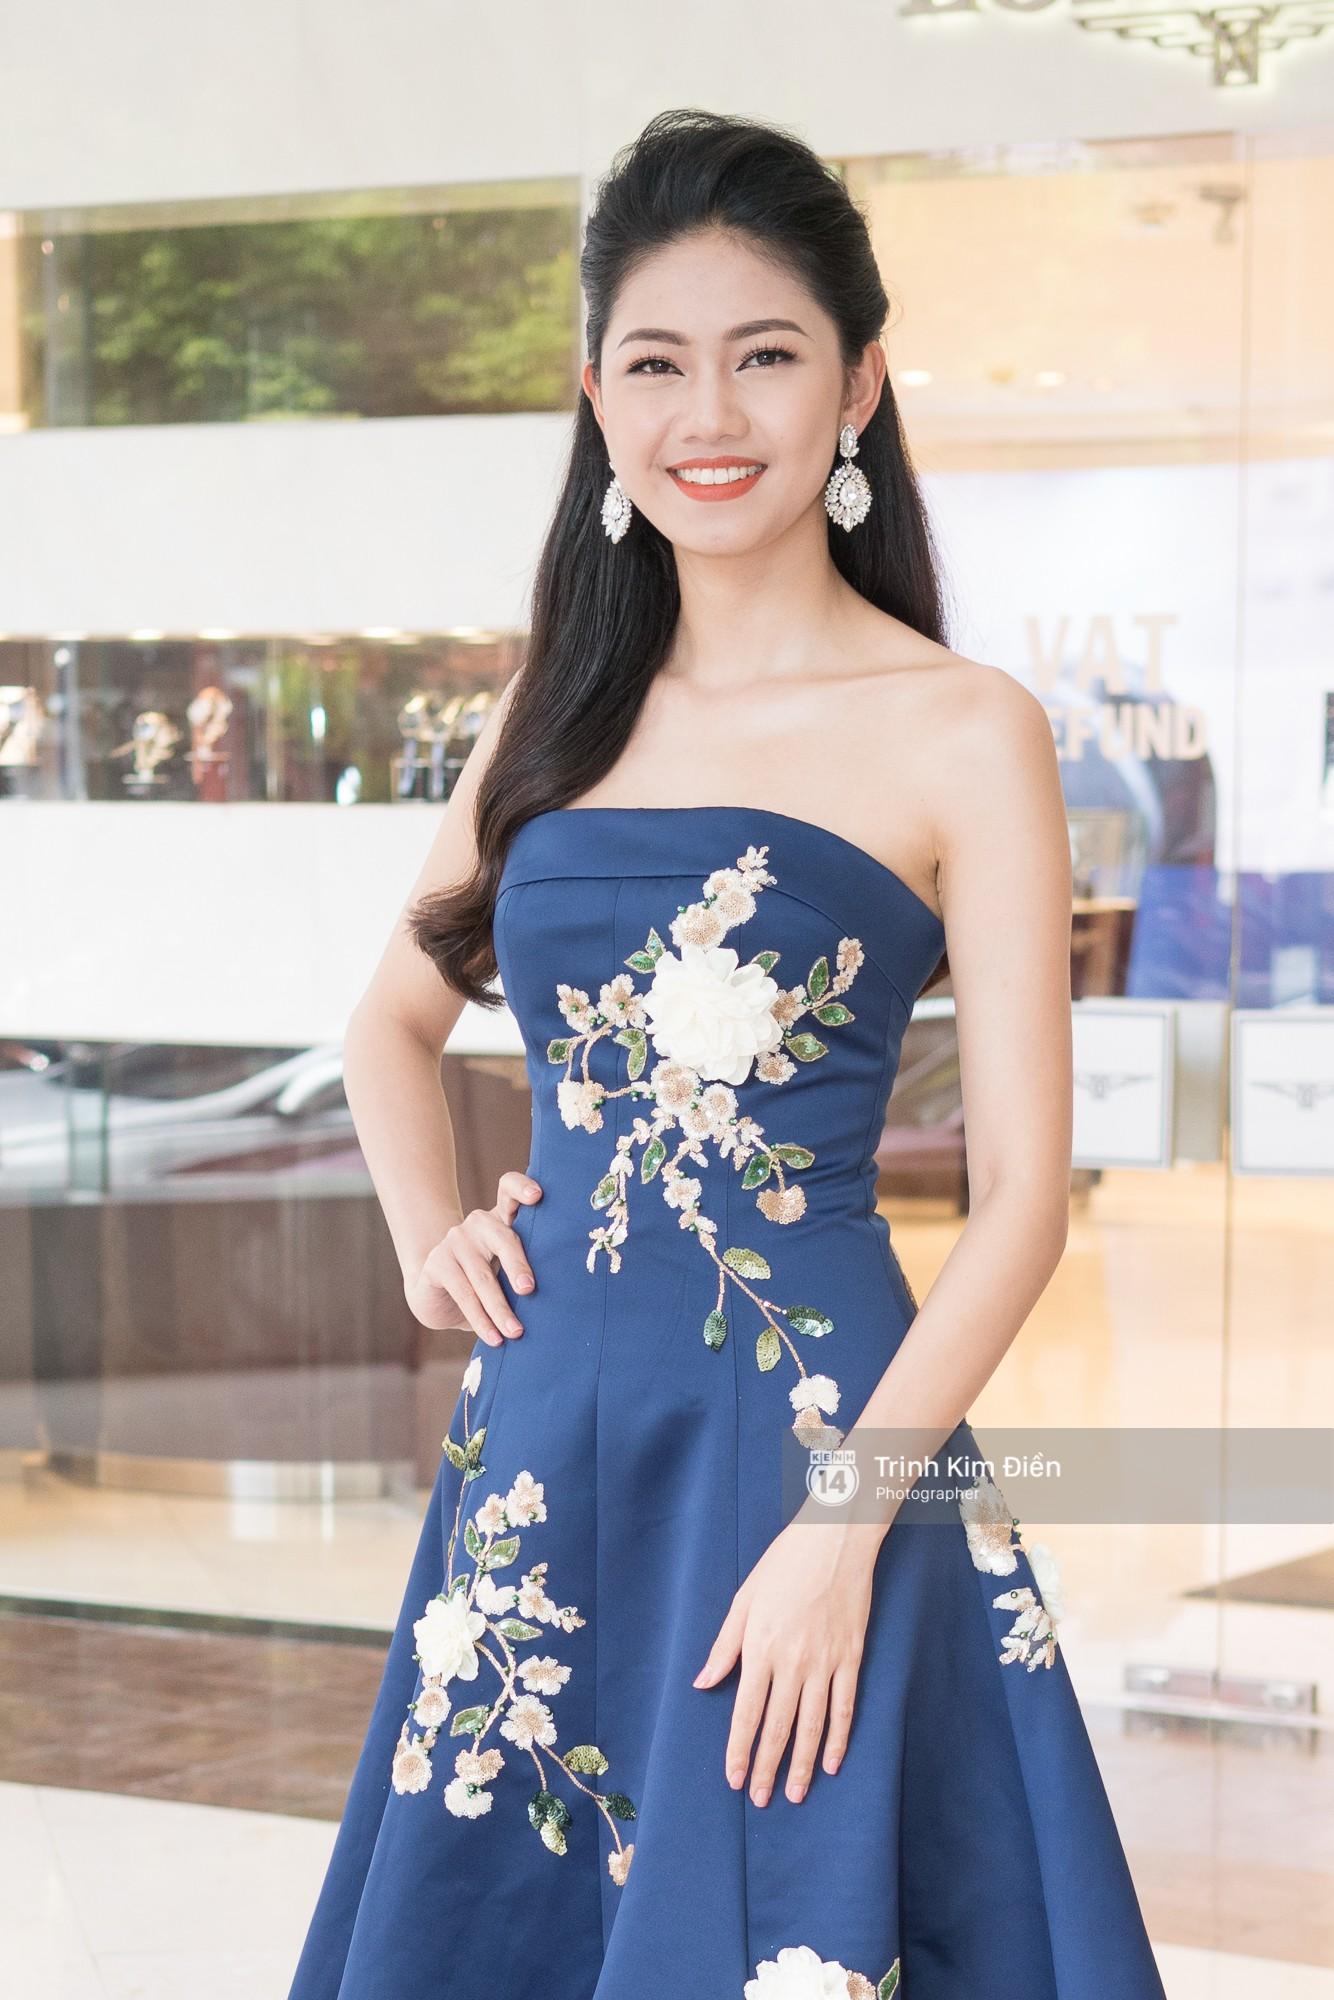 Hoa Hậu Việt Nam 2018: BGK lần đầu lộ diện trong sự kiện họp báo - Ảnh 6.